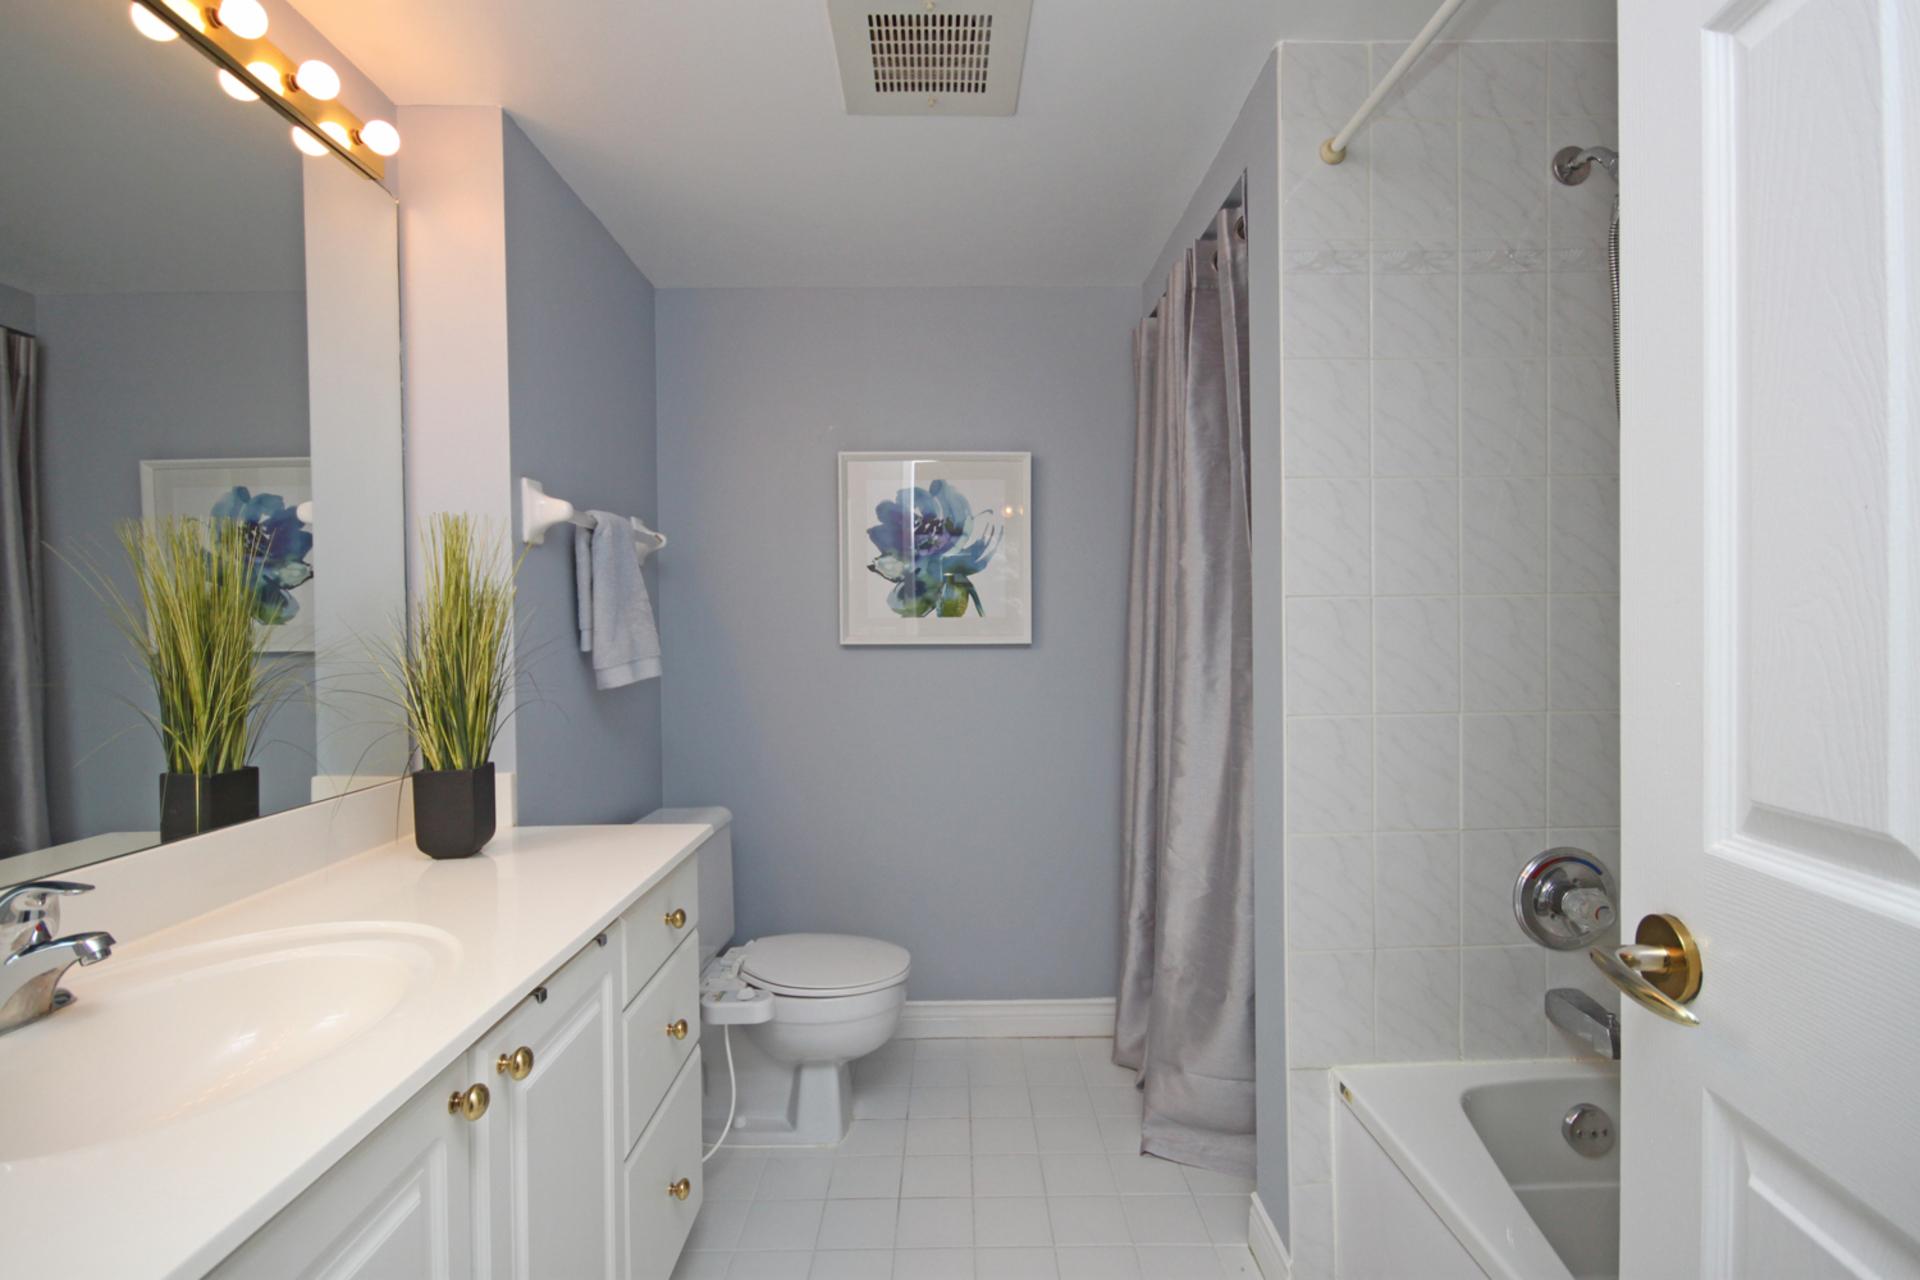 4 Piece Ensuite Bathroom at 309 - 18 Concorde Place, Toronto